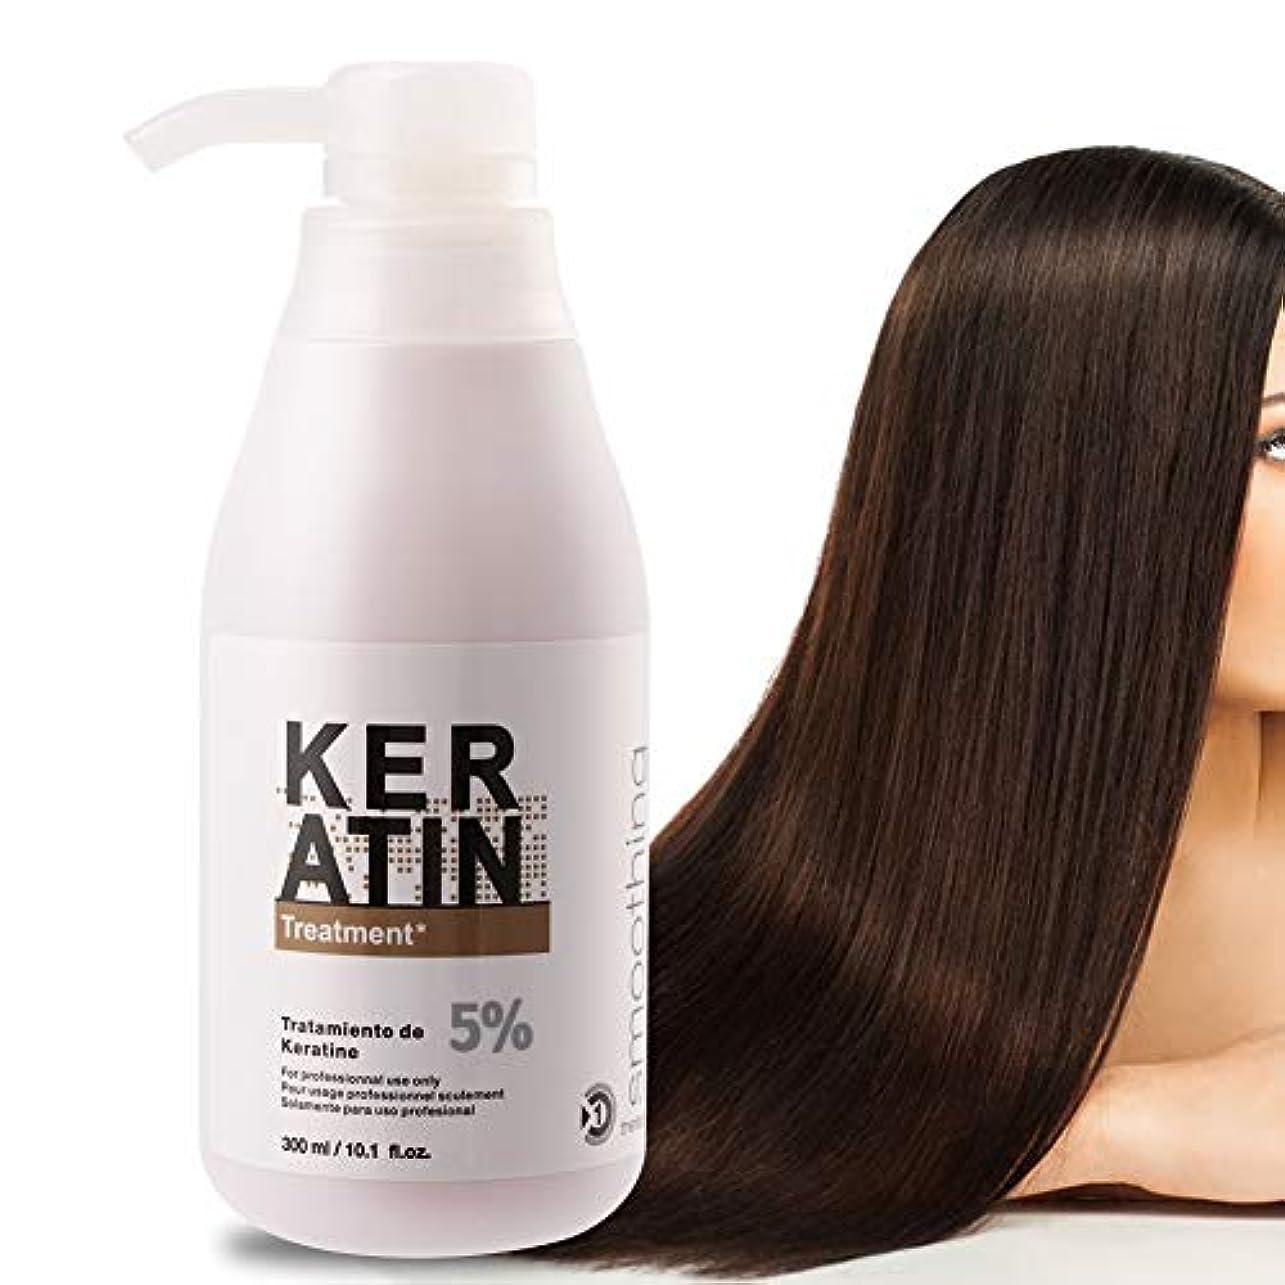 ましいスキム専ら乾いた、ダメージを受けた、そして化学的に処理された髪のためのケラチンとタンパク質のケラチンヘアマスク、300mlブラジルのケラチンヘアトリートメント